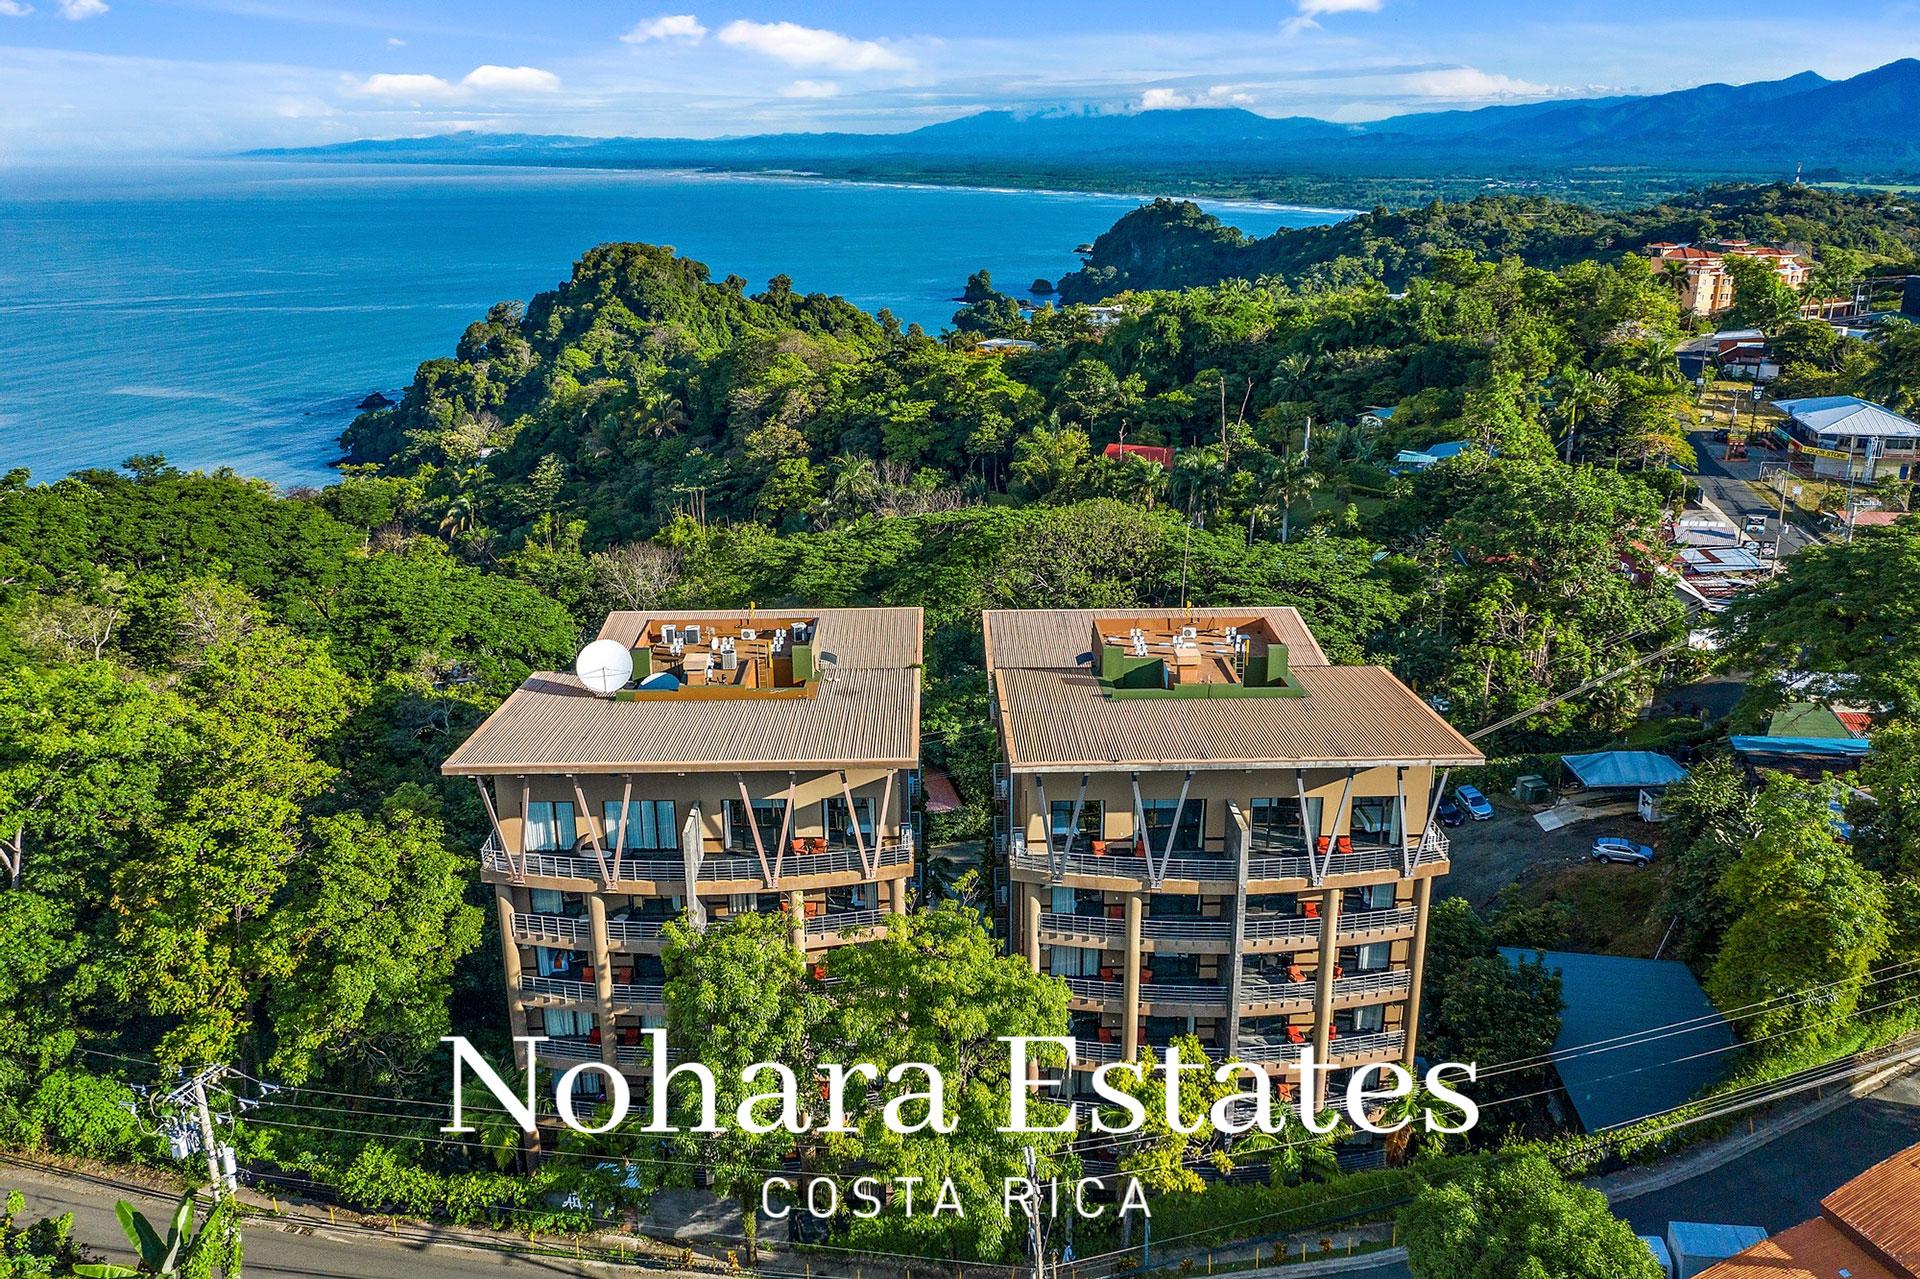 Nohara Estates Costa Rica Quepos Los Altos Areal 2